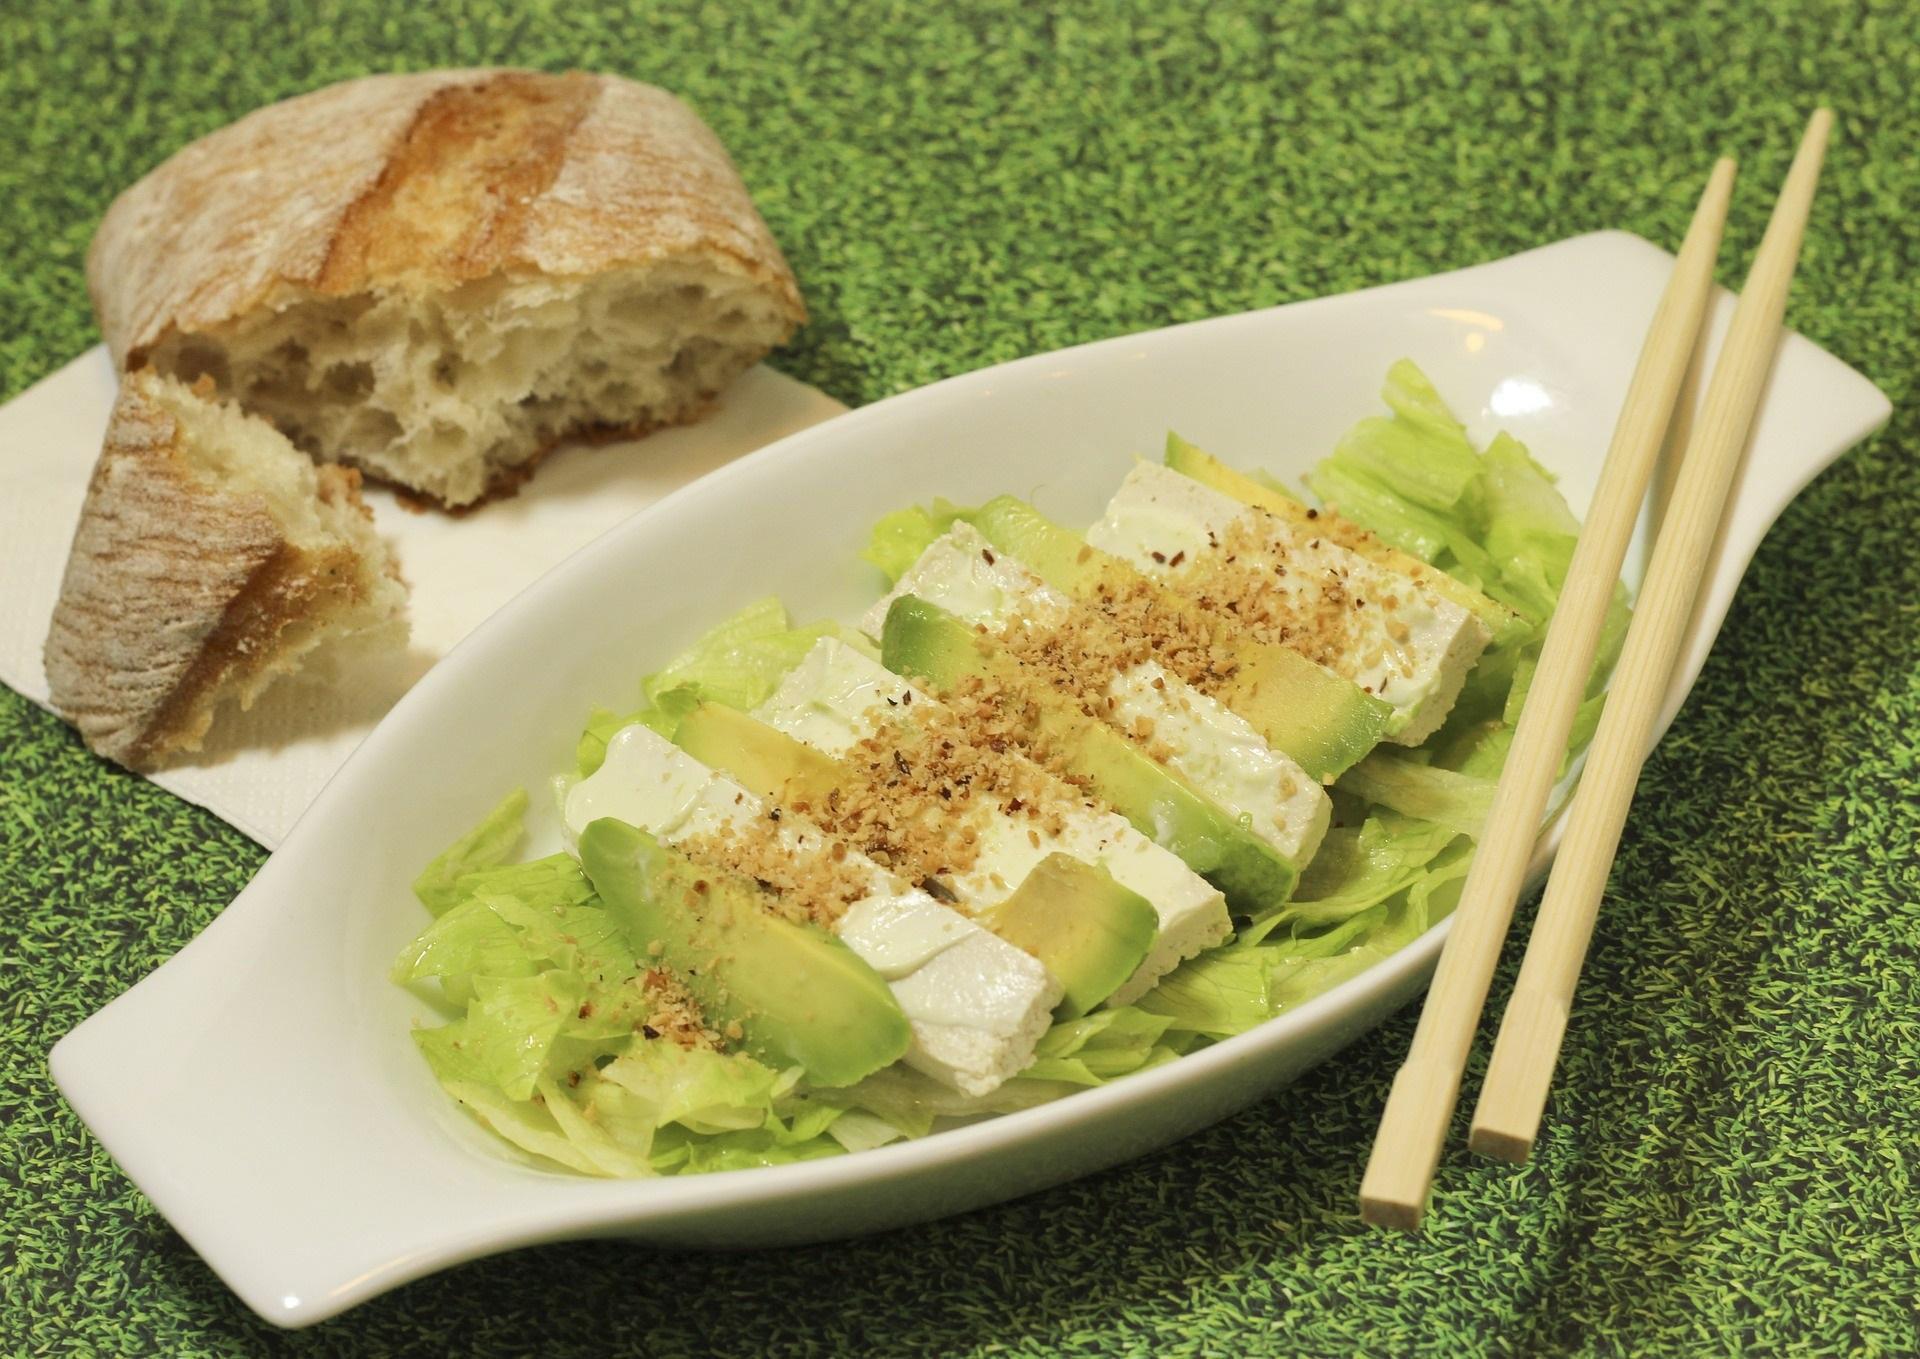 Tofu nella dieta dimagrante: calorie e valori nutrizionali